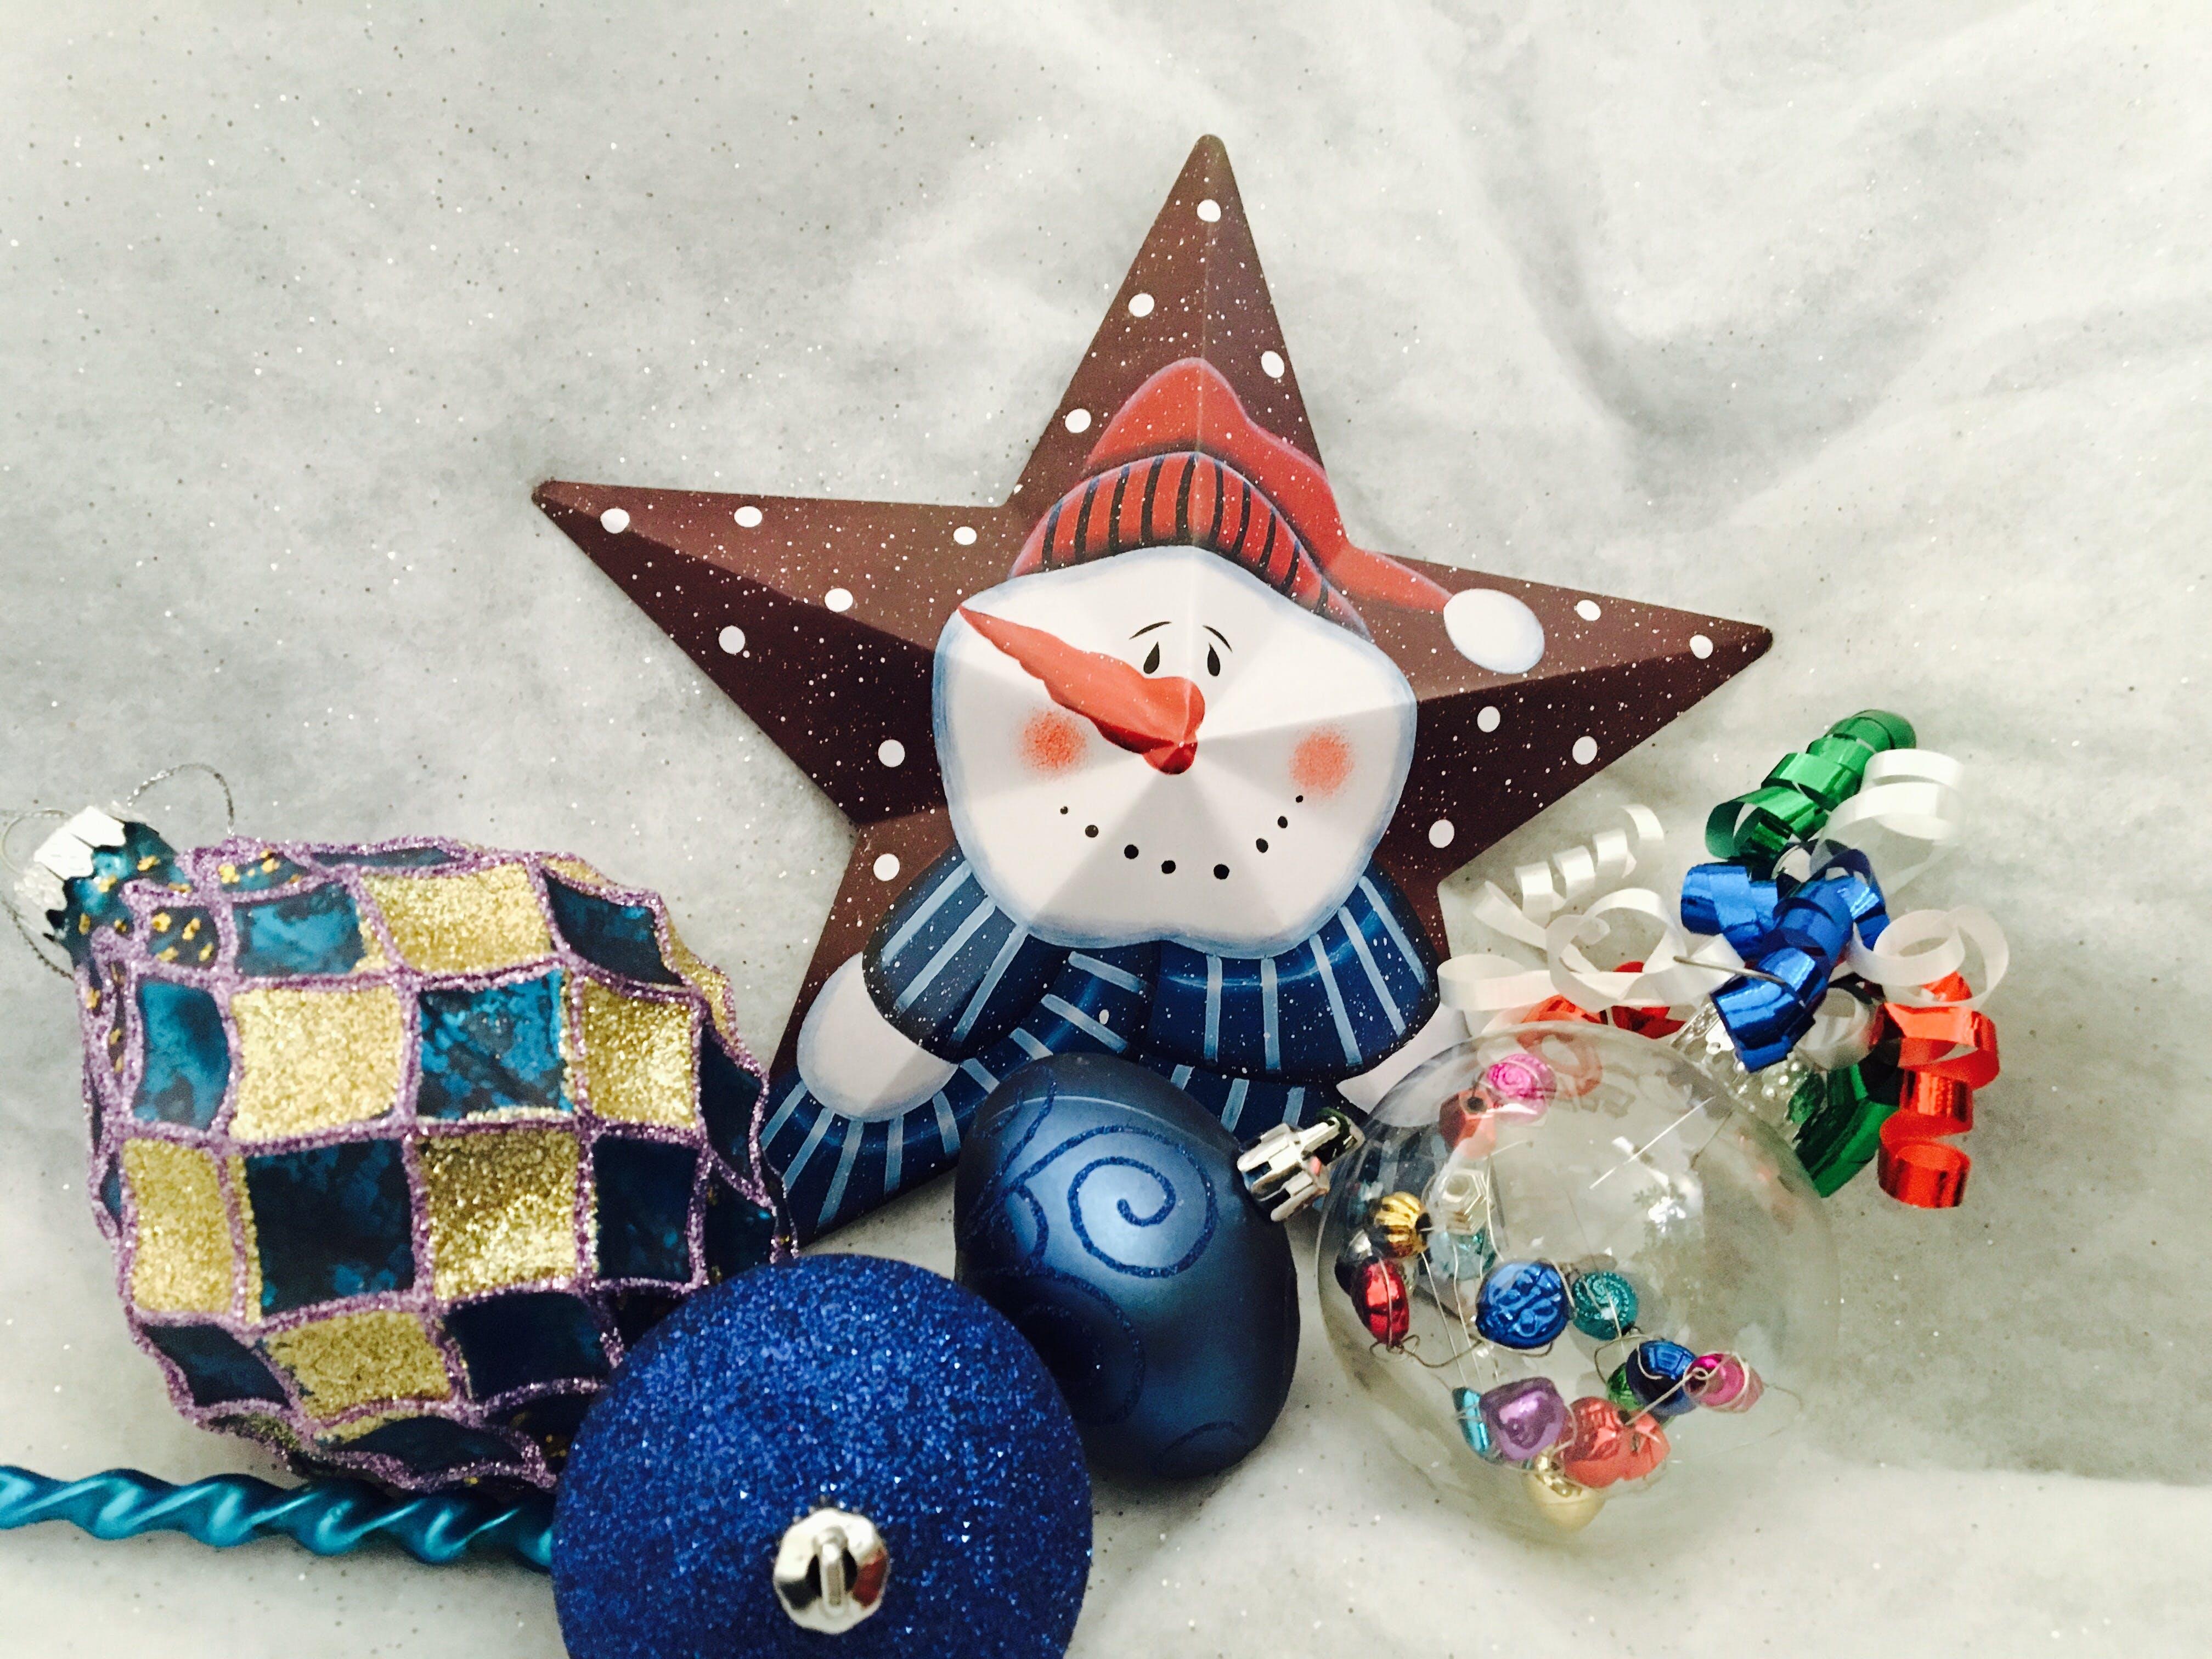 Fotos de stock gratuitas de adornos de navidad, bolas de navidad, Navidad, nevar